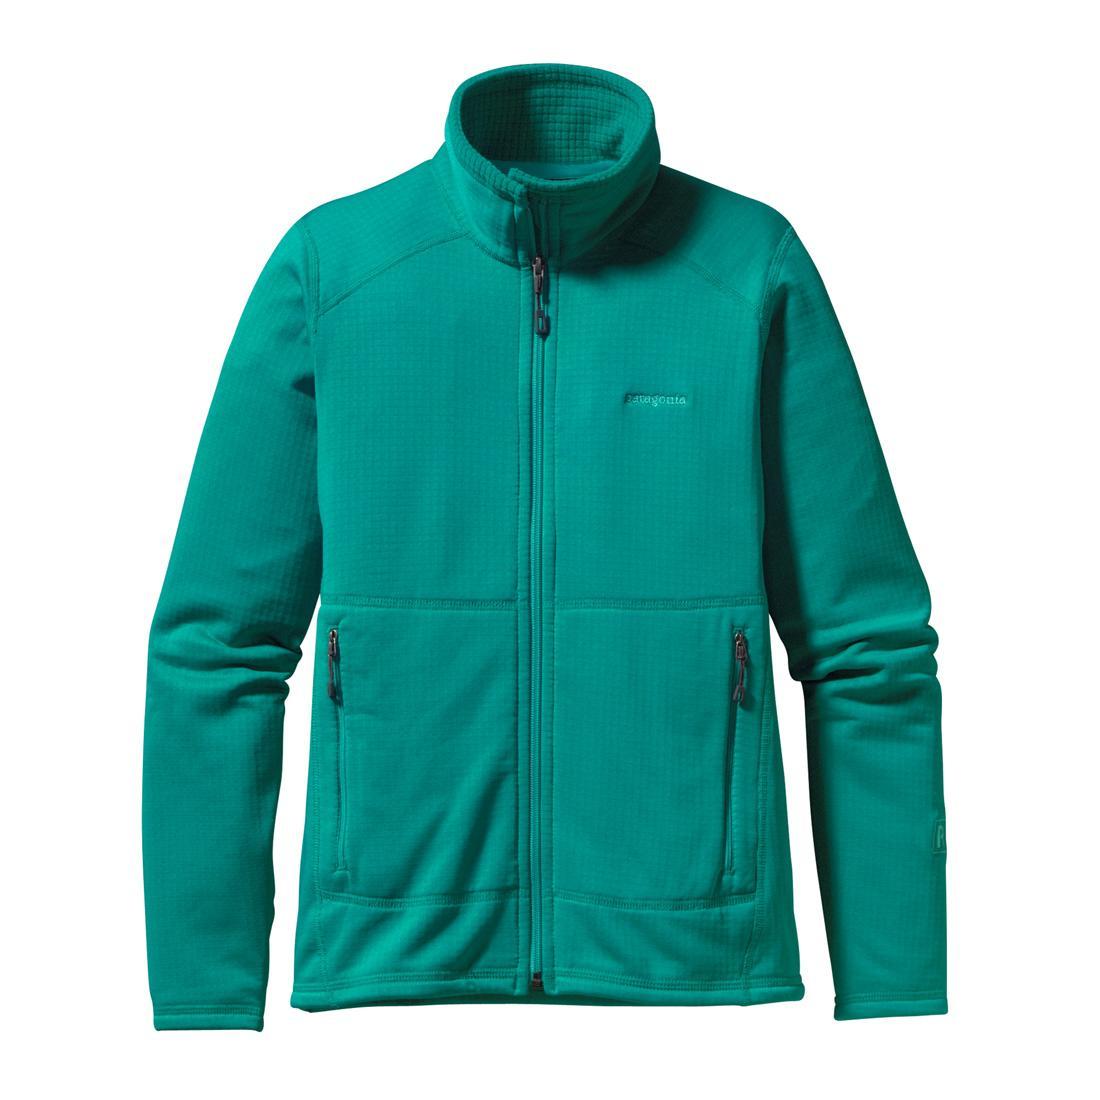 Куртка 40136 R1 FULL-ZIP жен.Куртки<br><br>Женская куртка Patagonia R1 FULL-ZIP изготовлена из мягкого и теплого флиса и может надеваться как отдельно, так и в качестве дополнительного уте...<br><br>Цвет: Цвет морской волны<br>Размер: XS